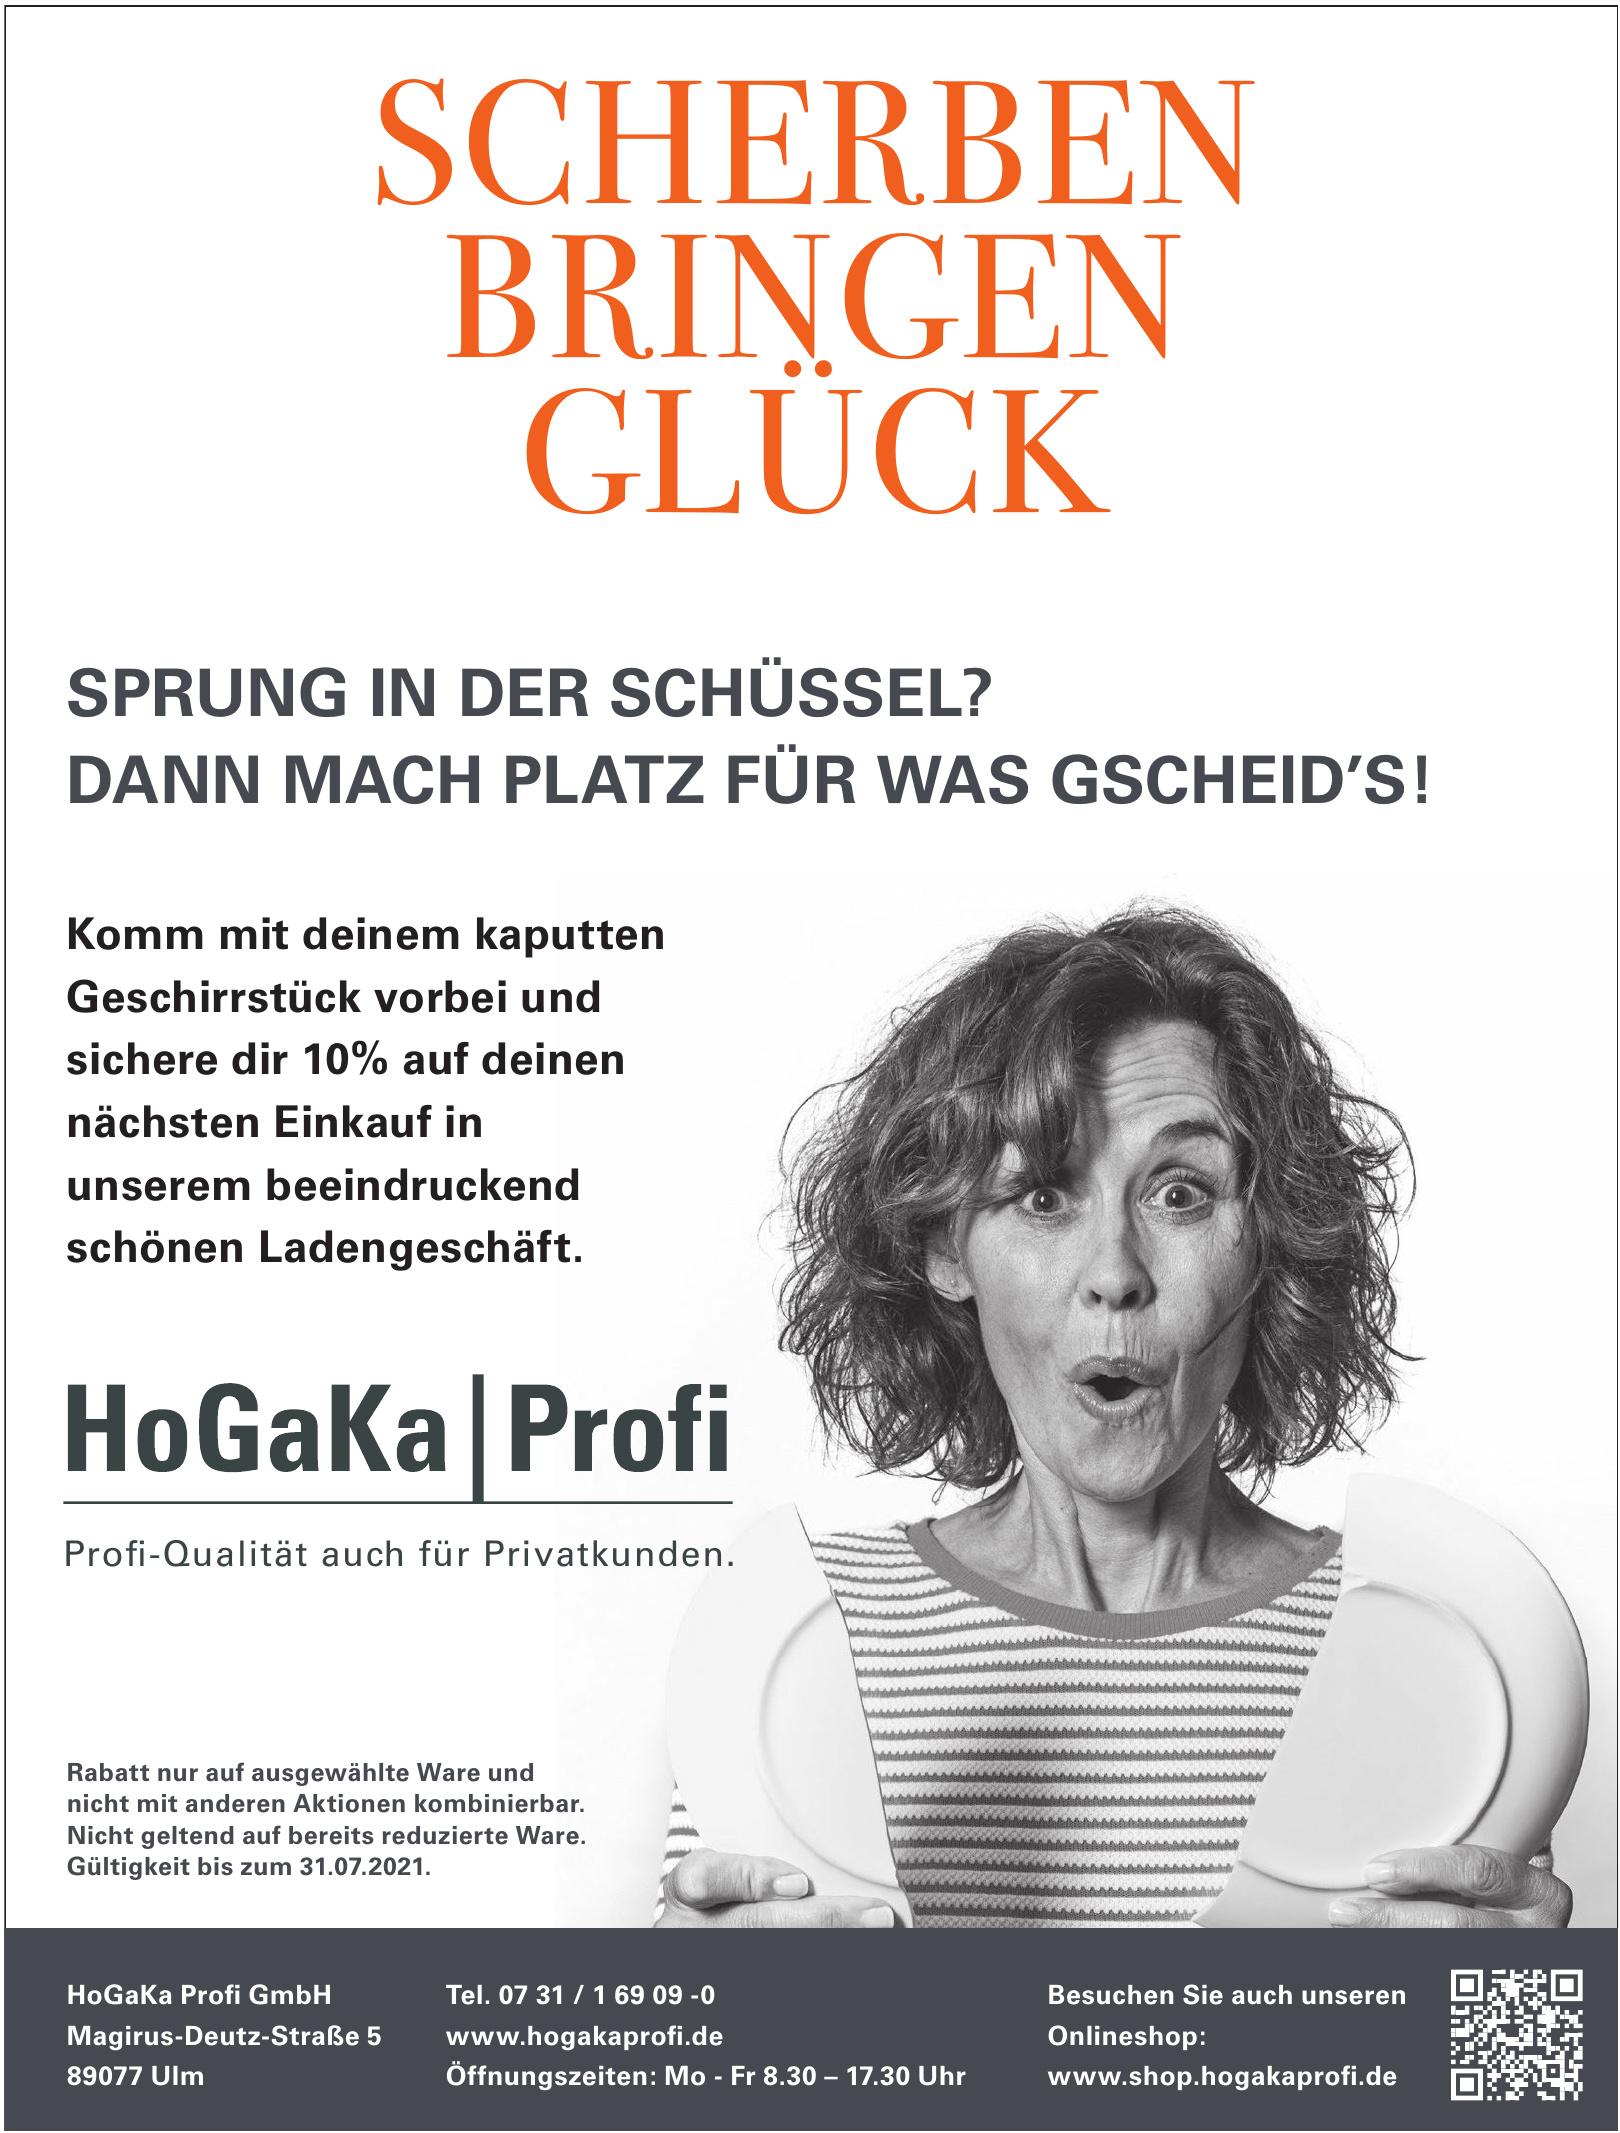 HoGaKa Prof GmbH